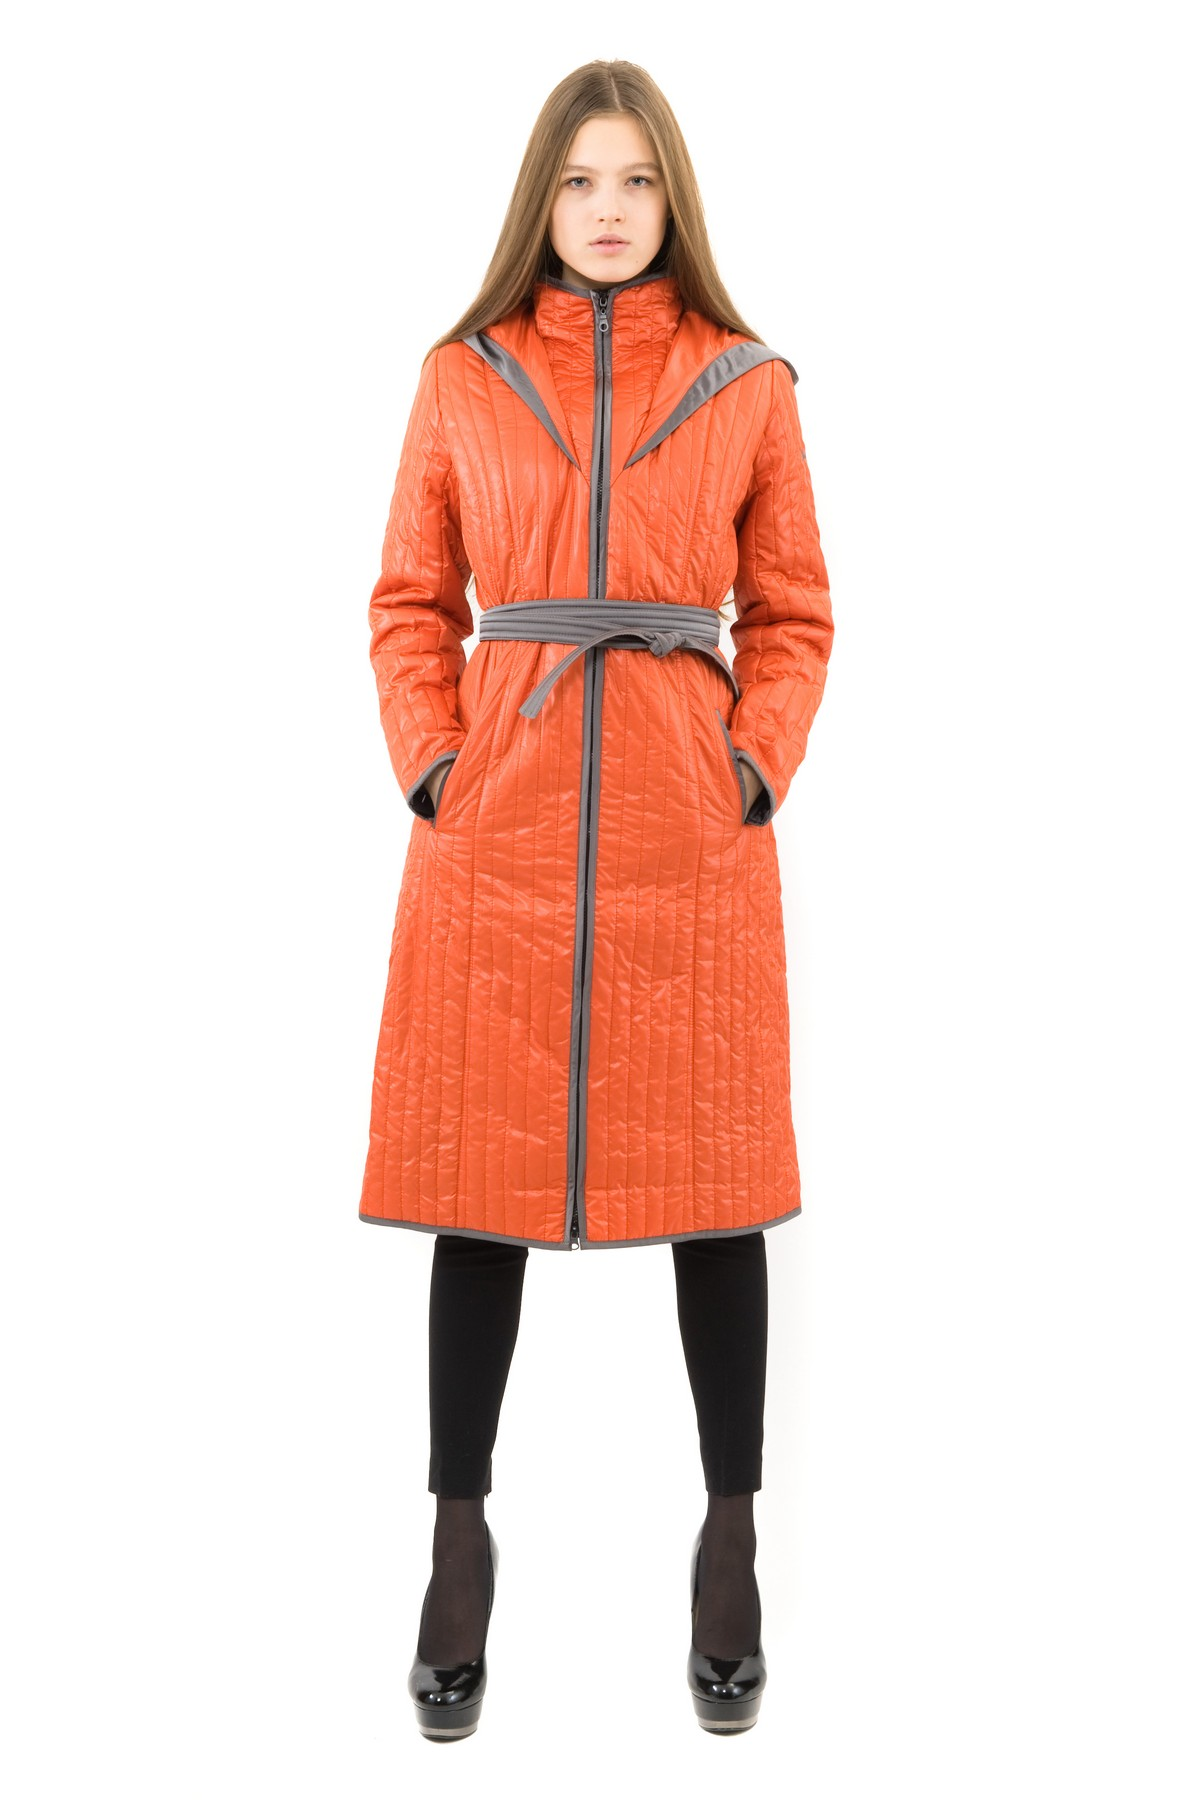 ПальтоЖенские куртки, плащи, пальто<br>В холодный осенний день очень важно ощущение тепла и комфорта. Это тепло может подарить Вам это очаровательное полупальто. модель приталенного покроя прекрасно сидит по фигуре. Оригинальность пальто заключается в комбинированном дизайне.<br><br>Цвет: оранжевый<br>Состав: 100% полиэстер, подкладка - 100% полиэстер, утеплитель - 100% полиэстер<br>Размер: 48,52,54,56<br>Страна дизайна: Россия<br>Страна производства: Россия